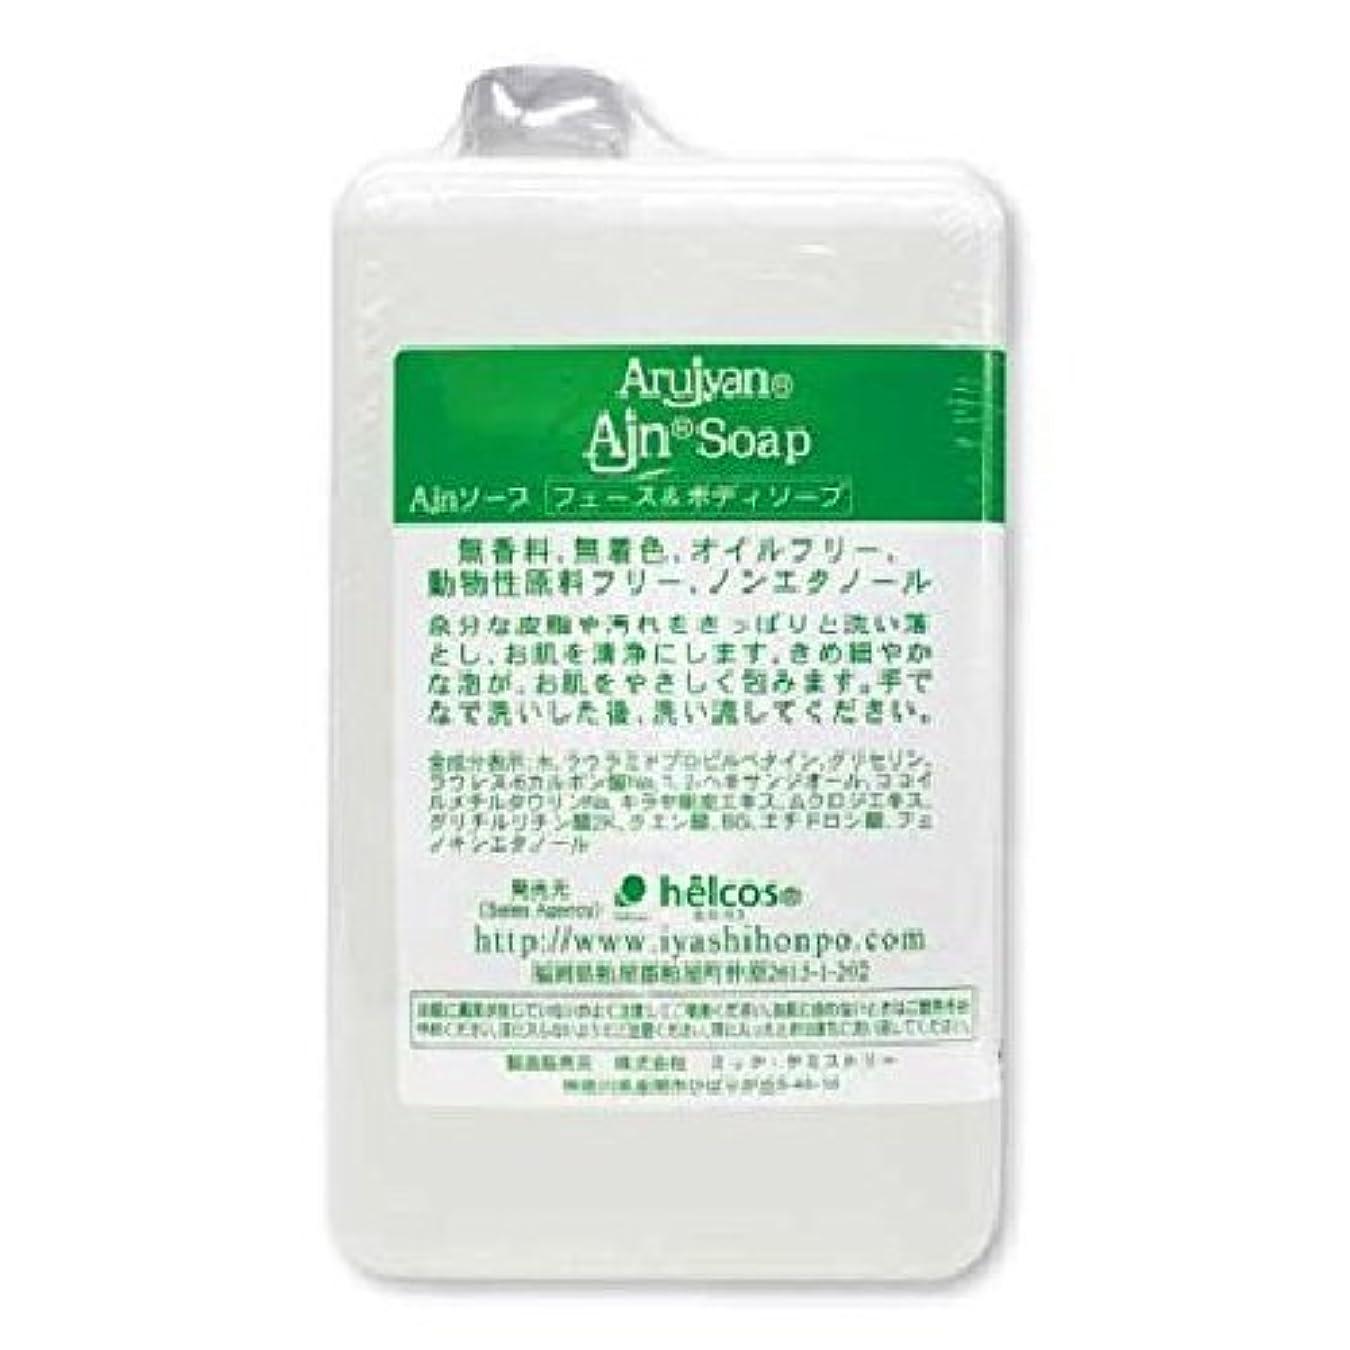 テンポ想定するオリエントマツエク 泡洗顔 オイルフリー アルジャンソープ 1000mL 詰め替え用 まつげエクステ